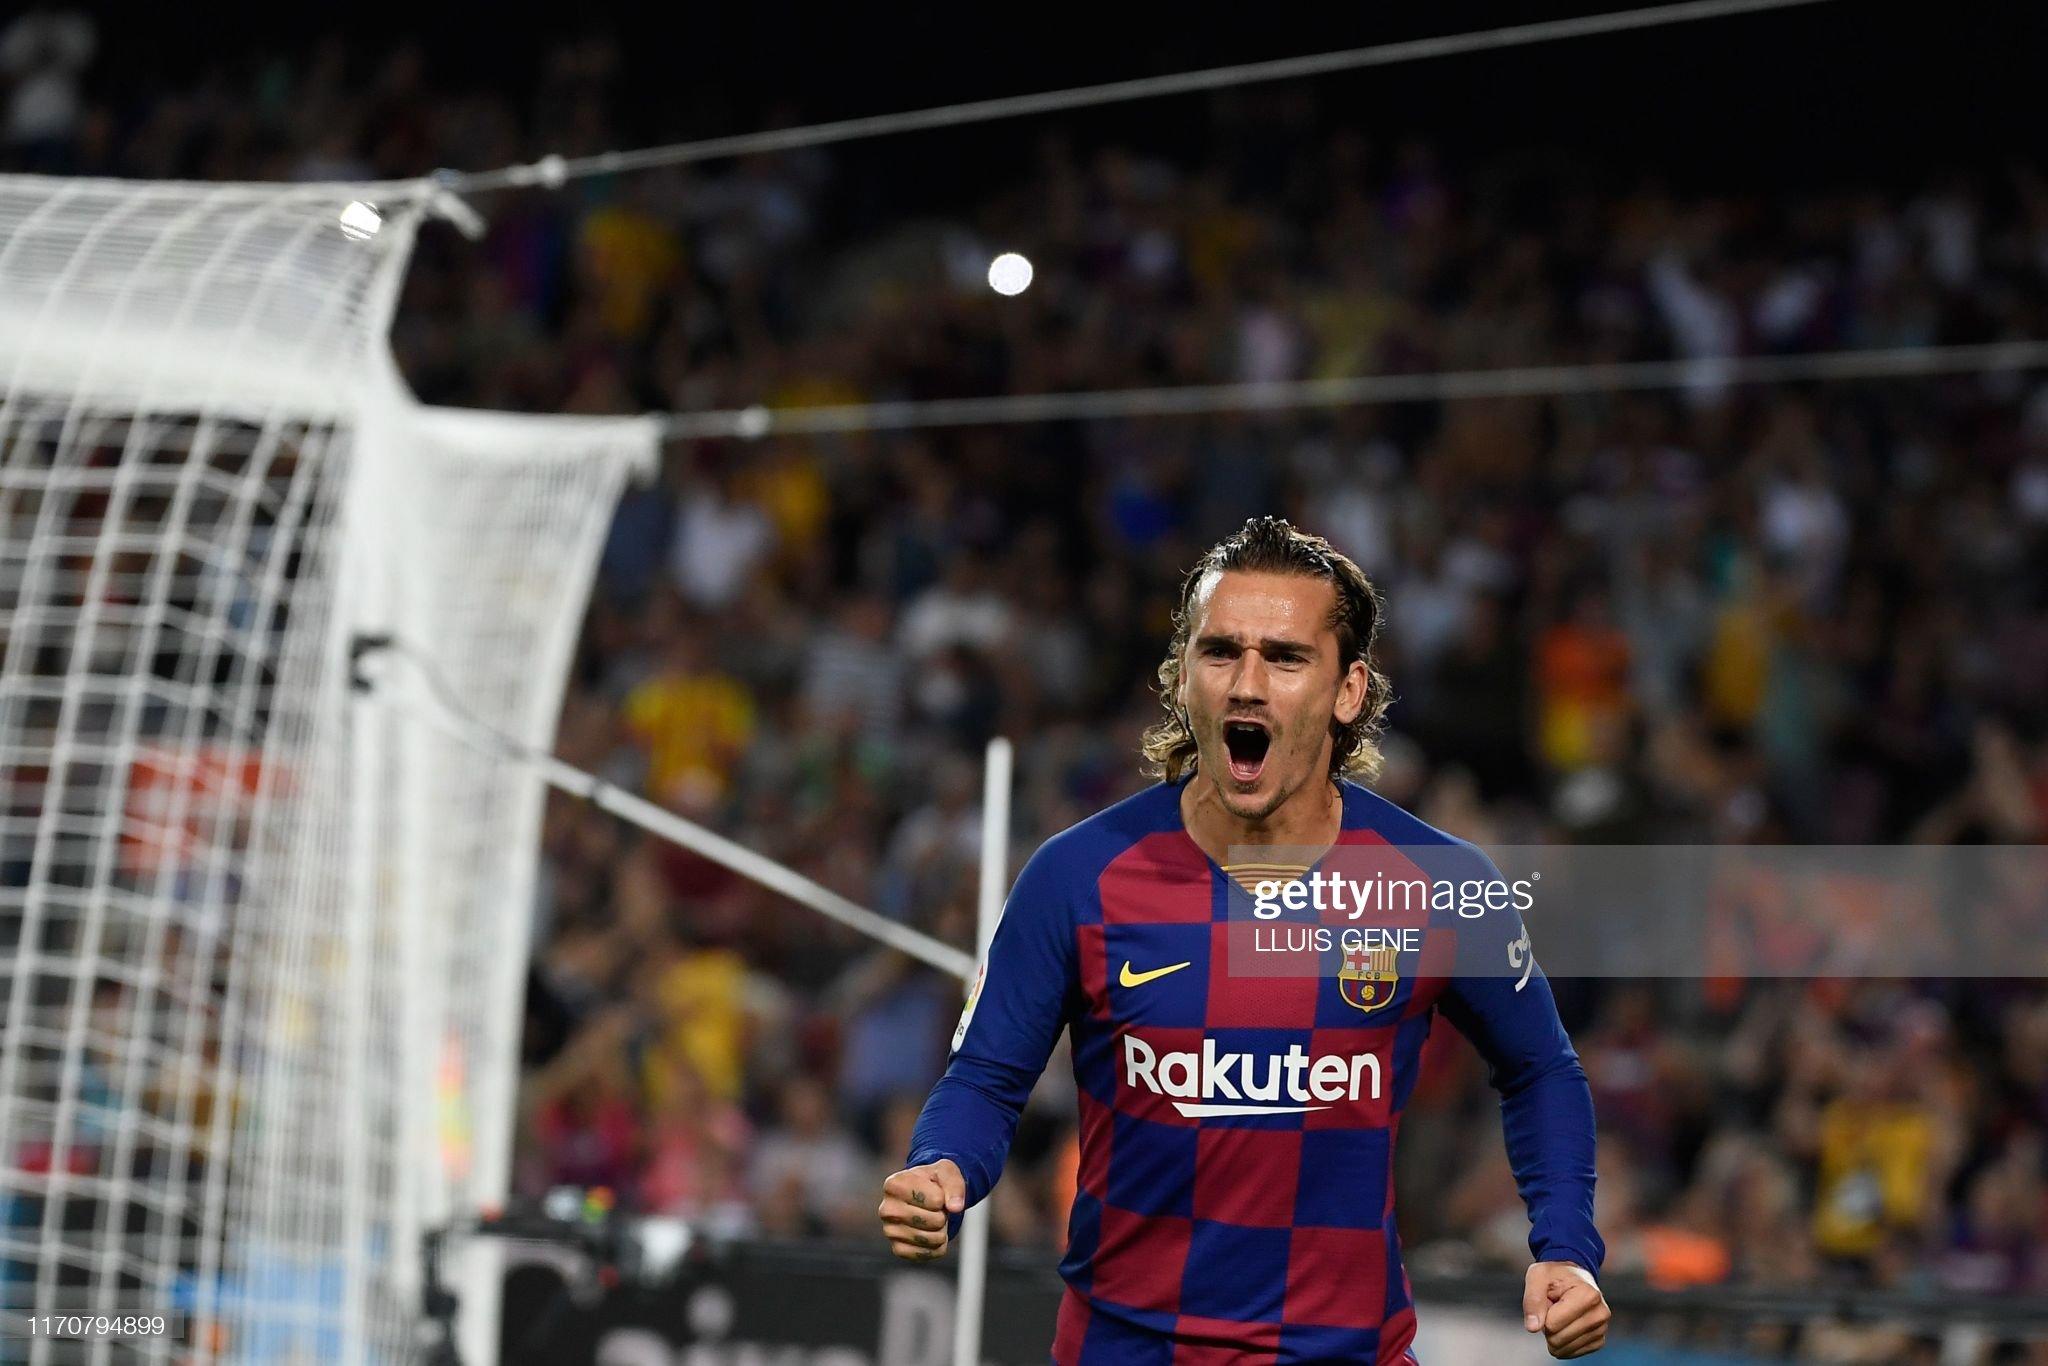 صور مباراة : برشلونة - فياريال 2-1 ( 24-09-2019 )  Barcelonas-french-forward-antoine-griezmann-celebrates-after-scoring-picture-id1170794899?s=2048x2048